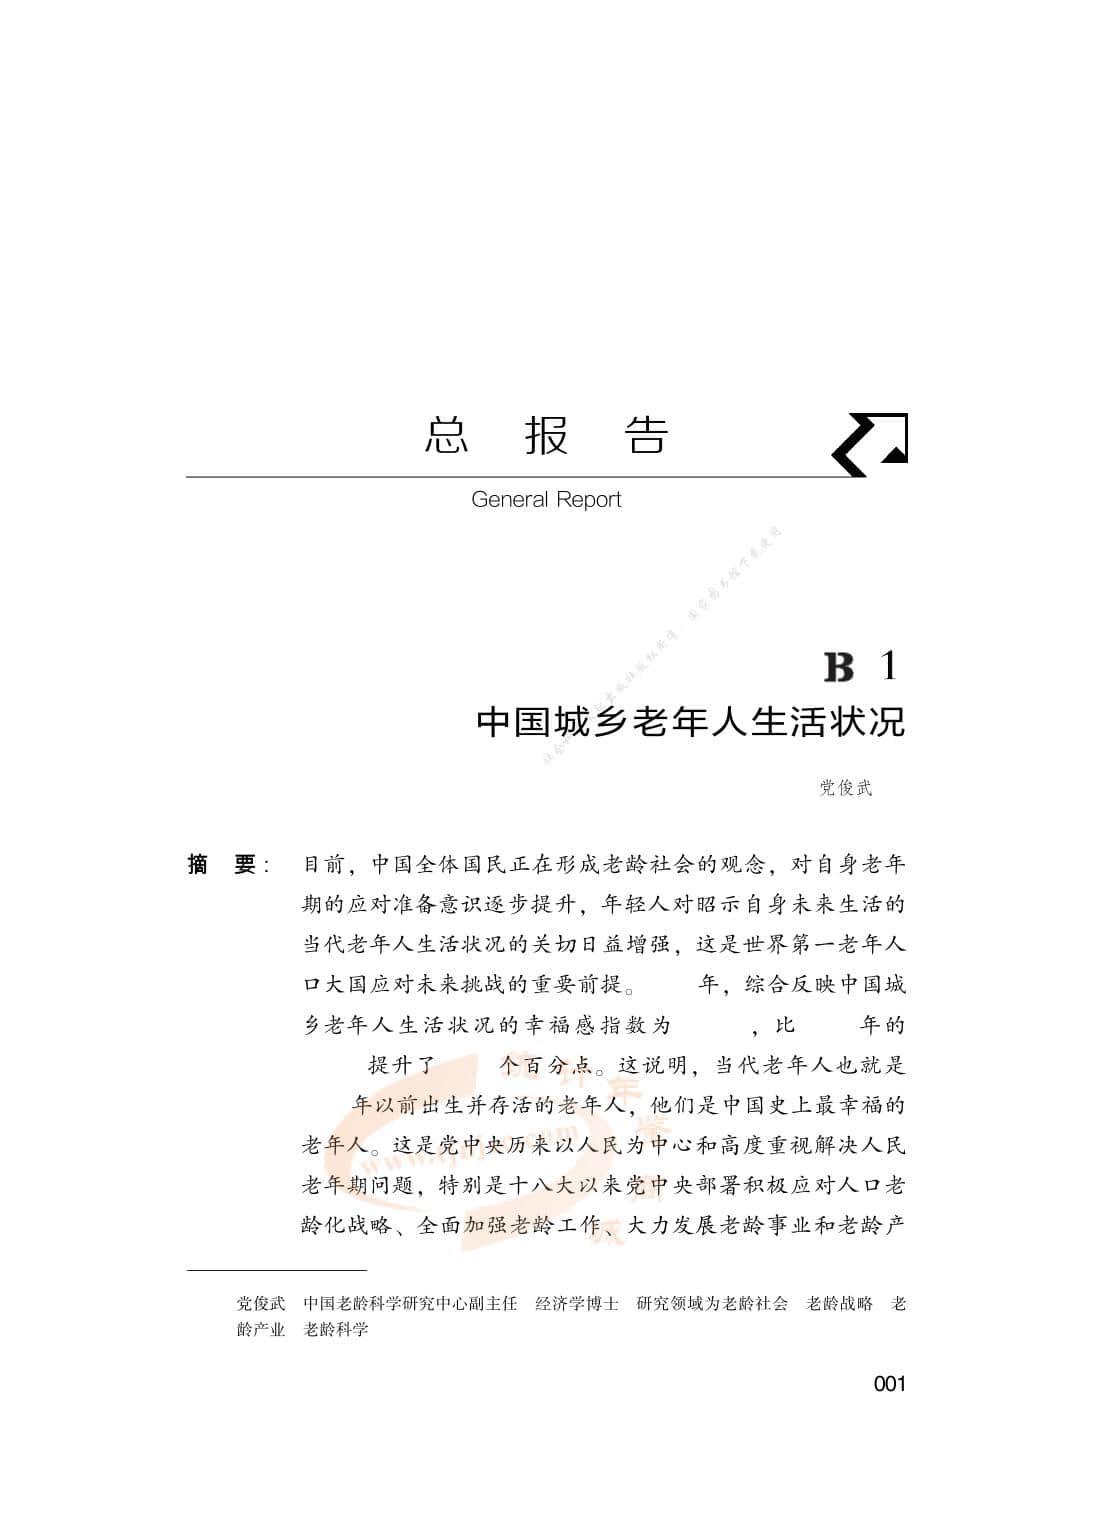 2019年中国城乡老年人生活状况(附报告下载)